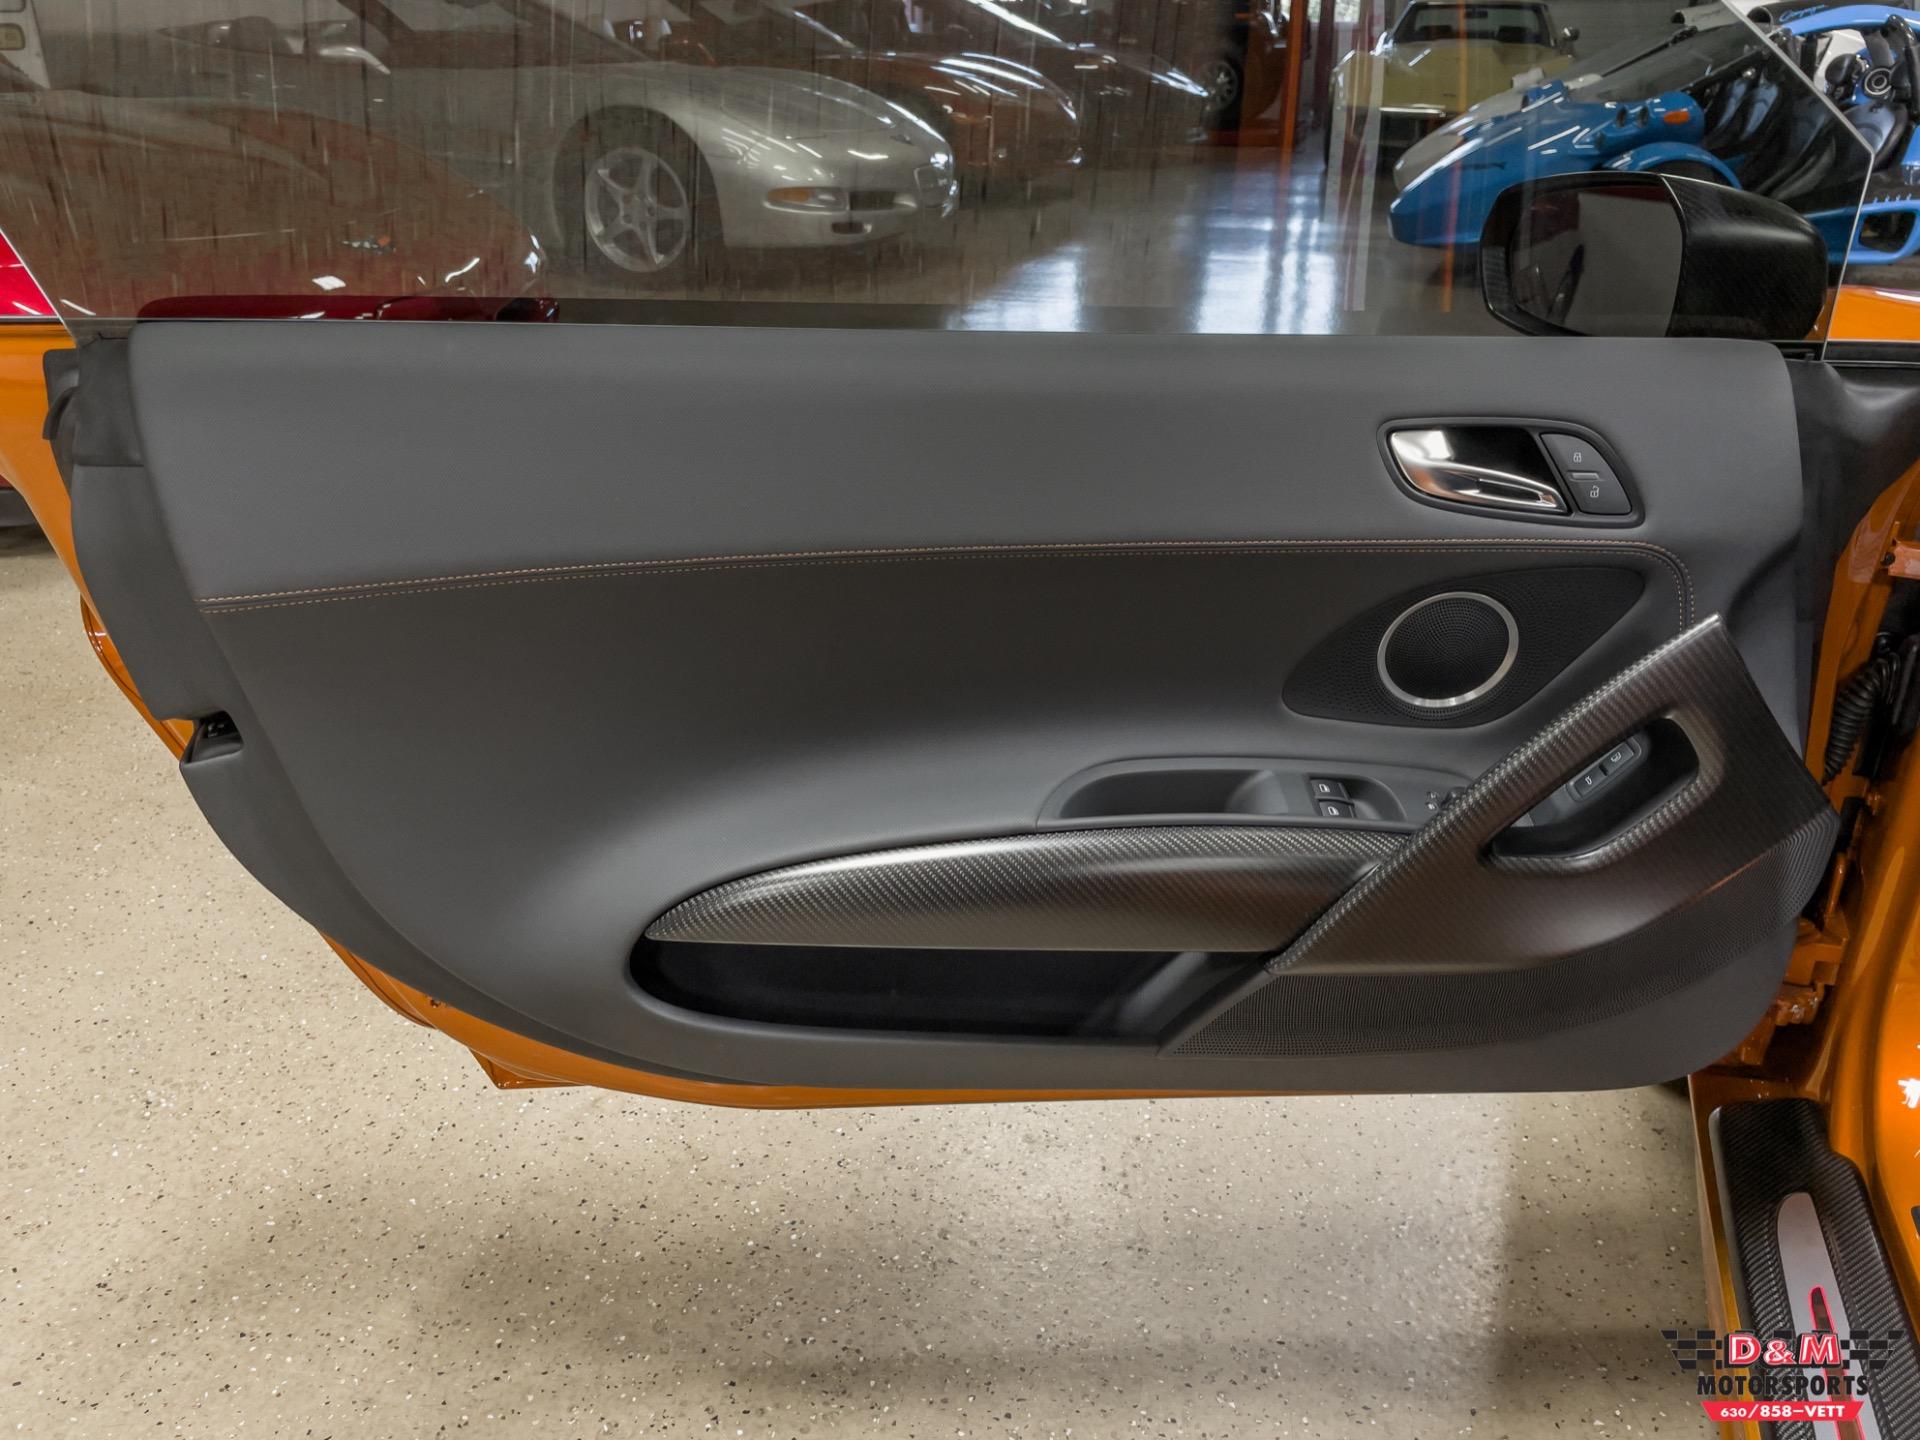 Used 2012 Audi R8 GT 5.2 quattro | Glen Ellyn, IL